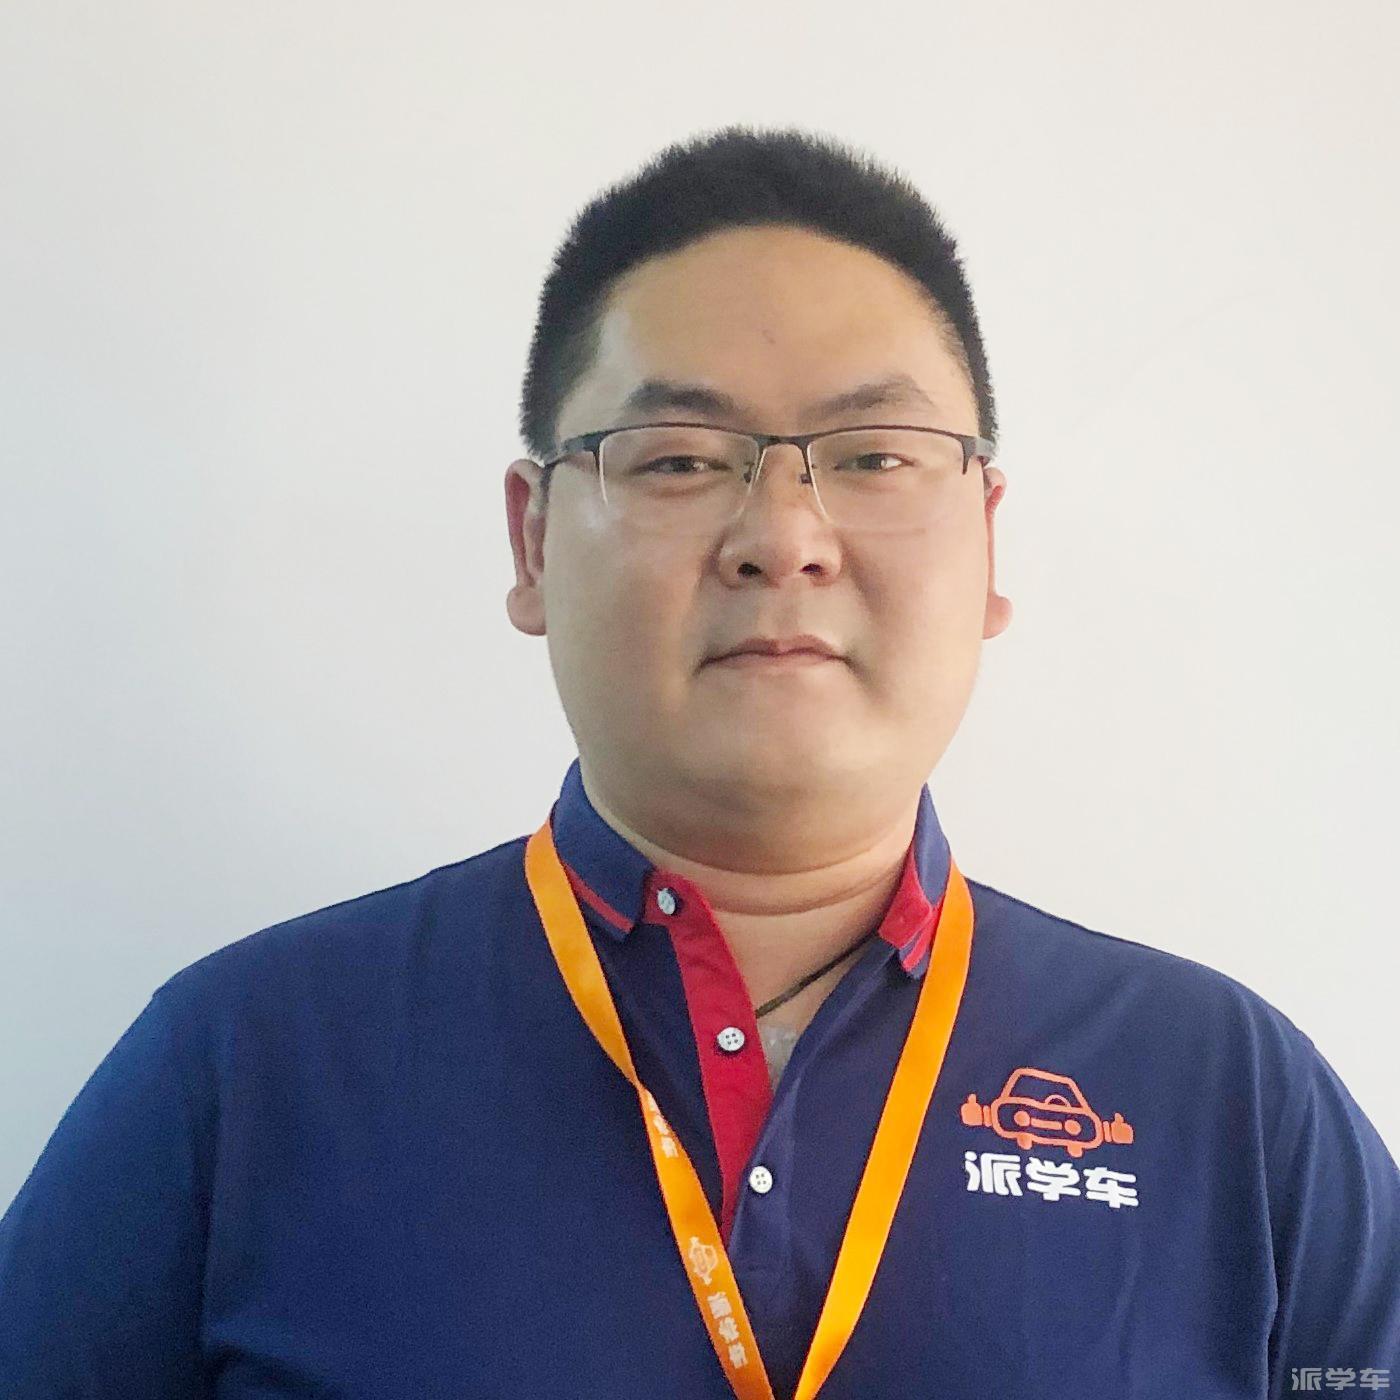 教练赵子明